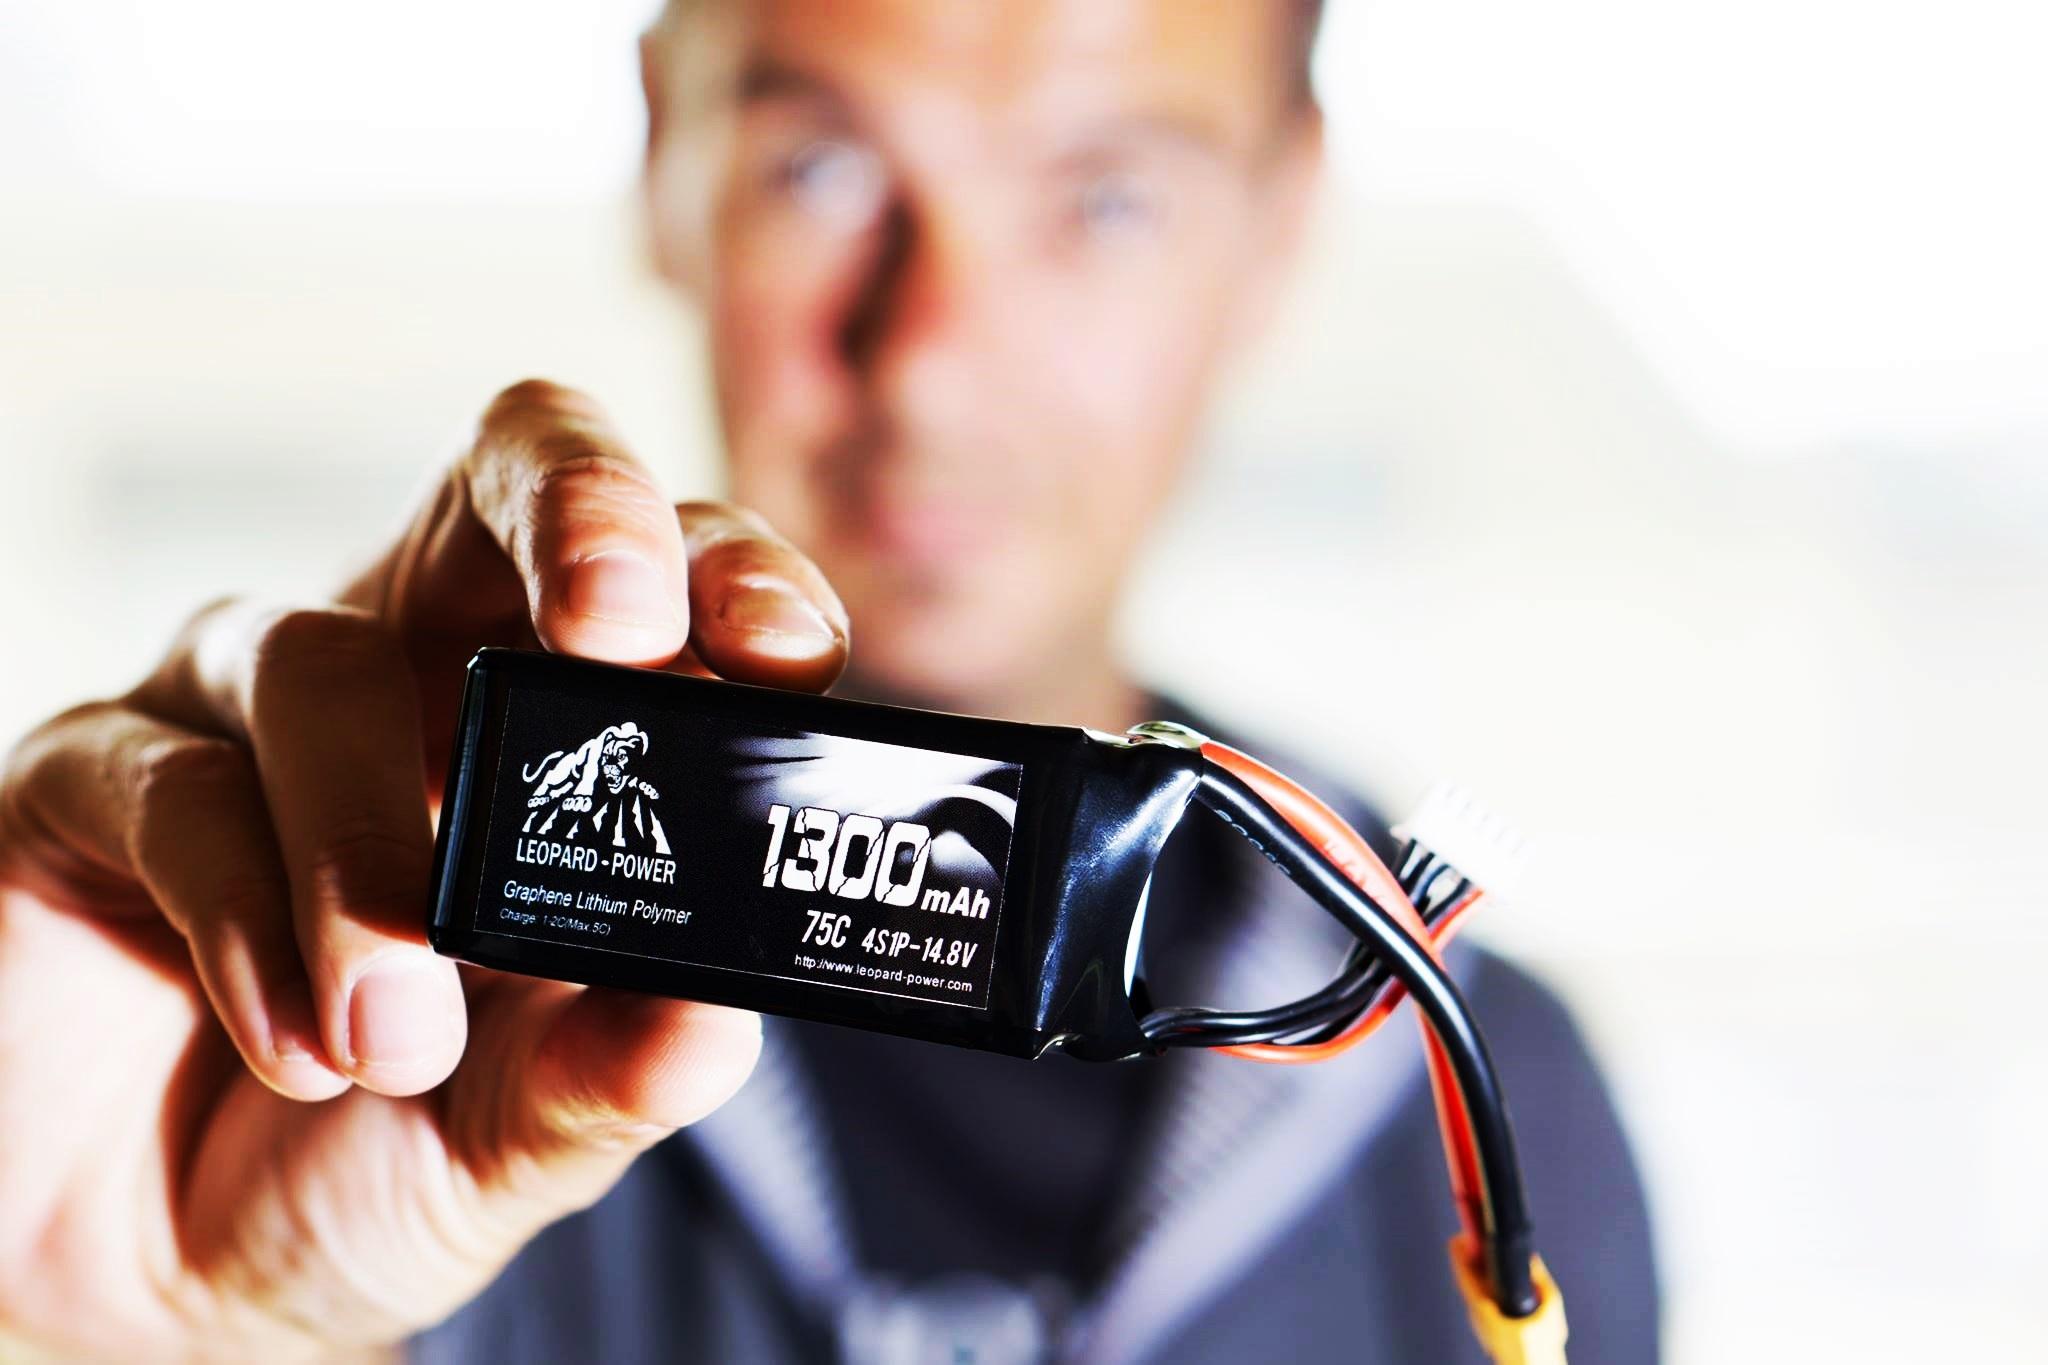 leopard power rc lipo battery for FPV | Leopard Power Lipo Battery